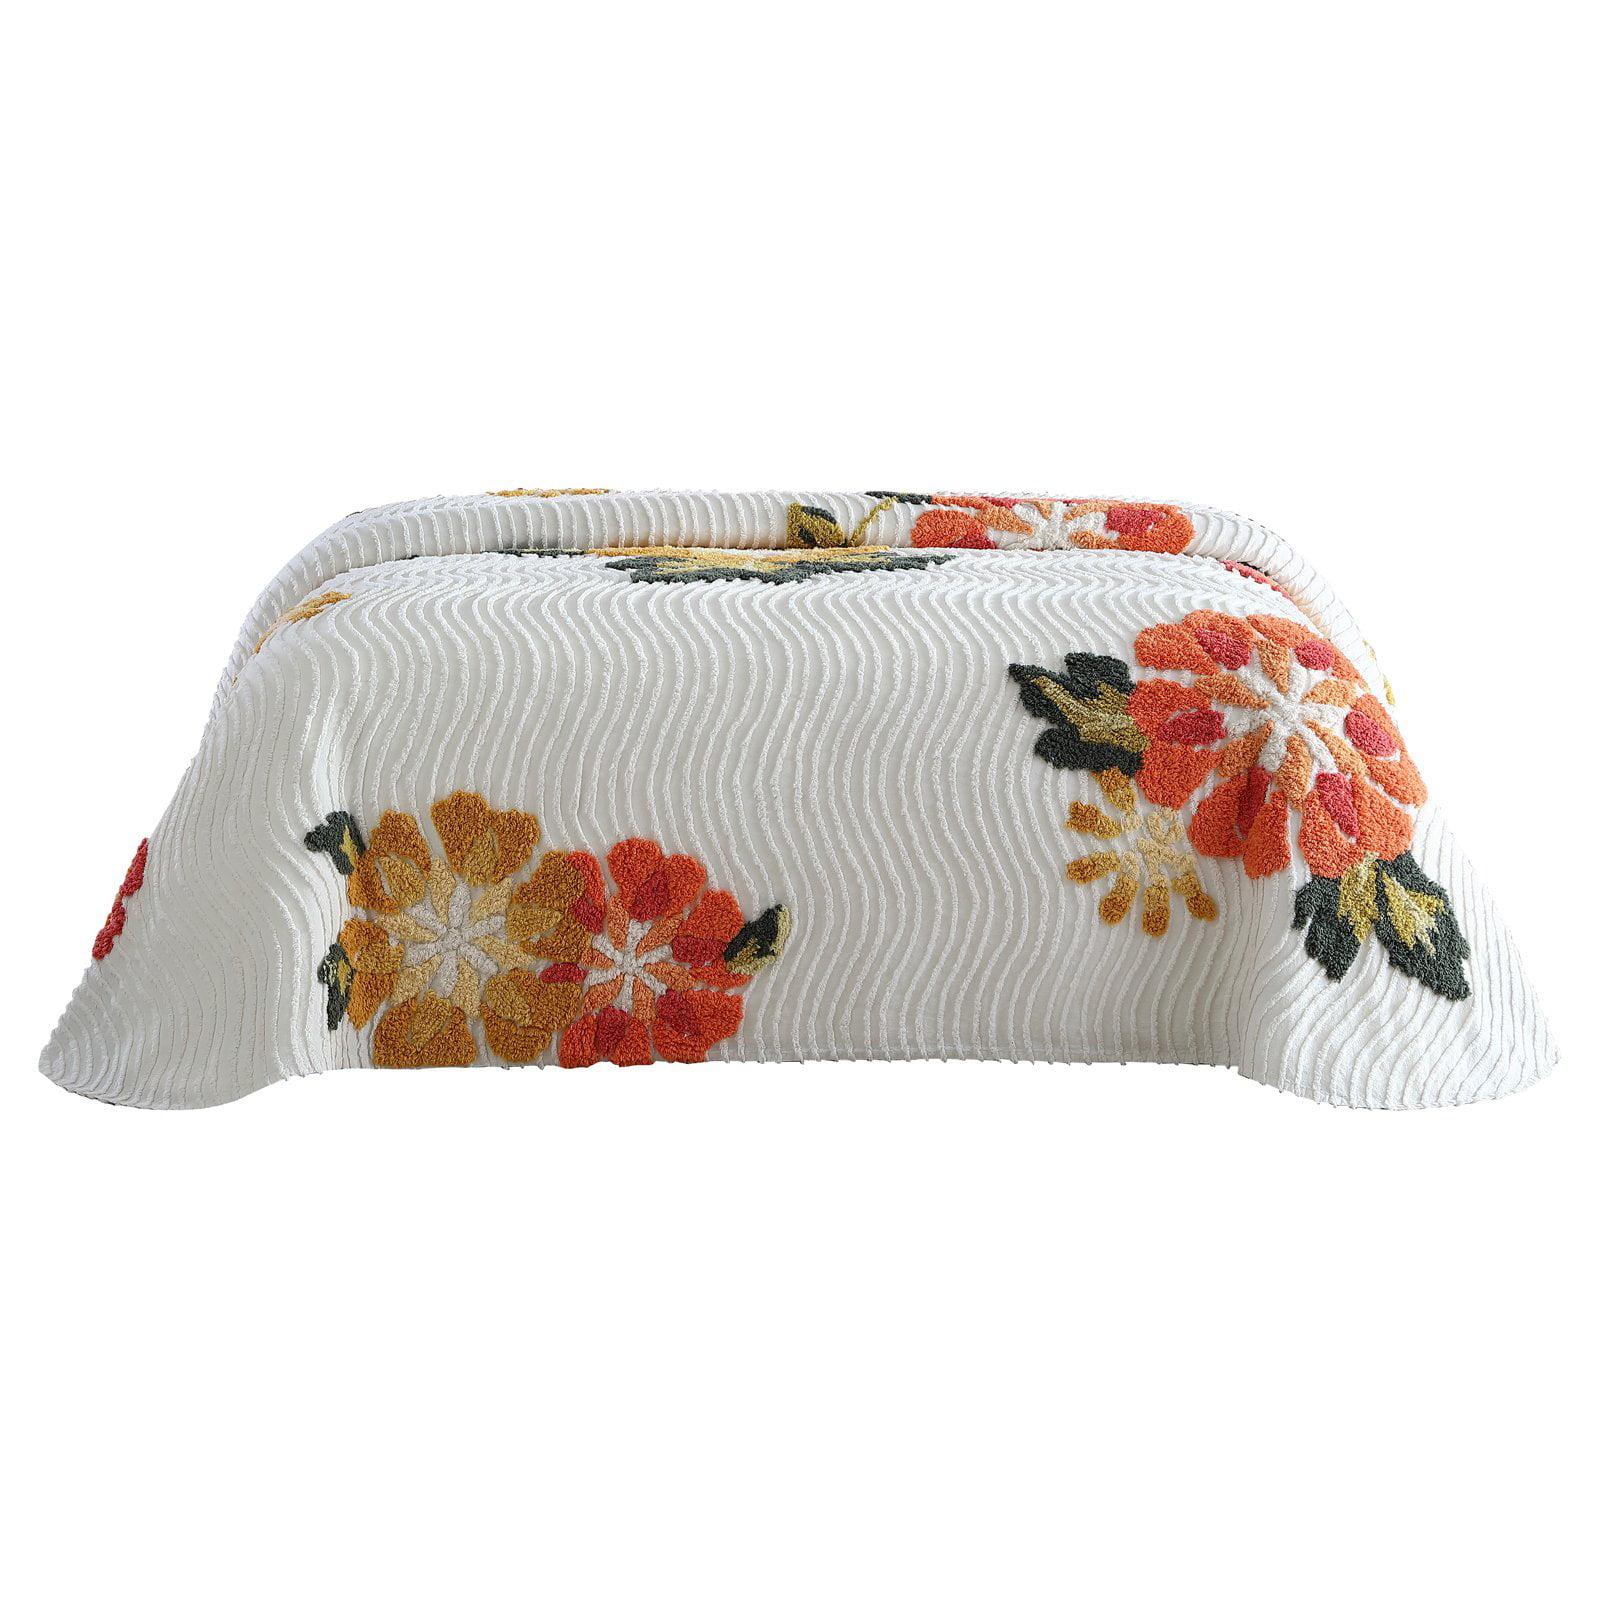 Autumn Chenille Bedspread, Full